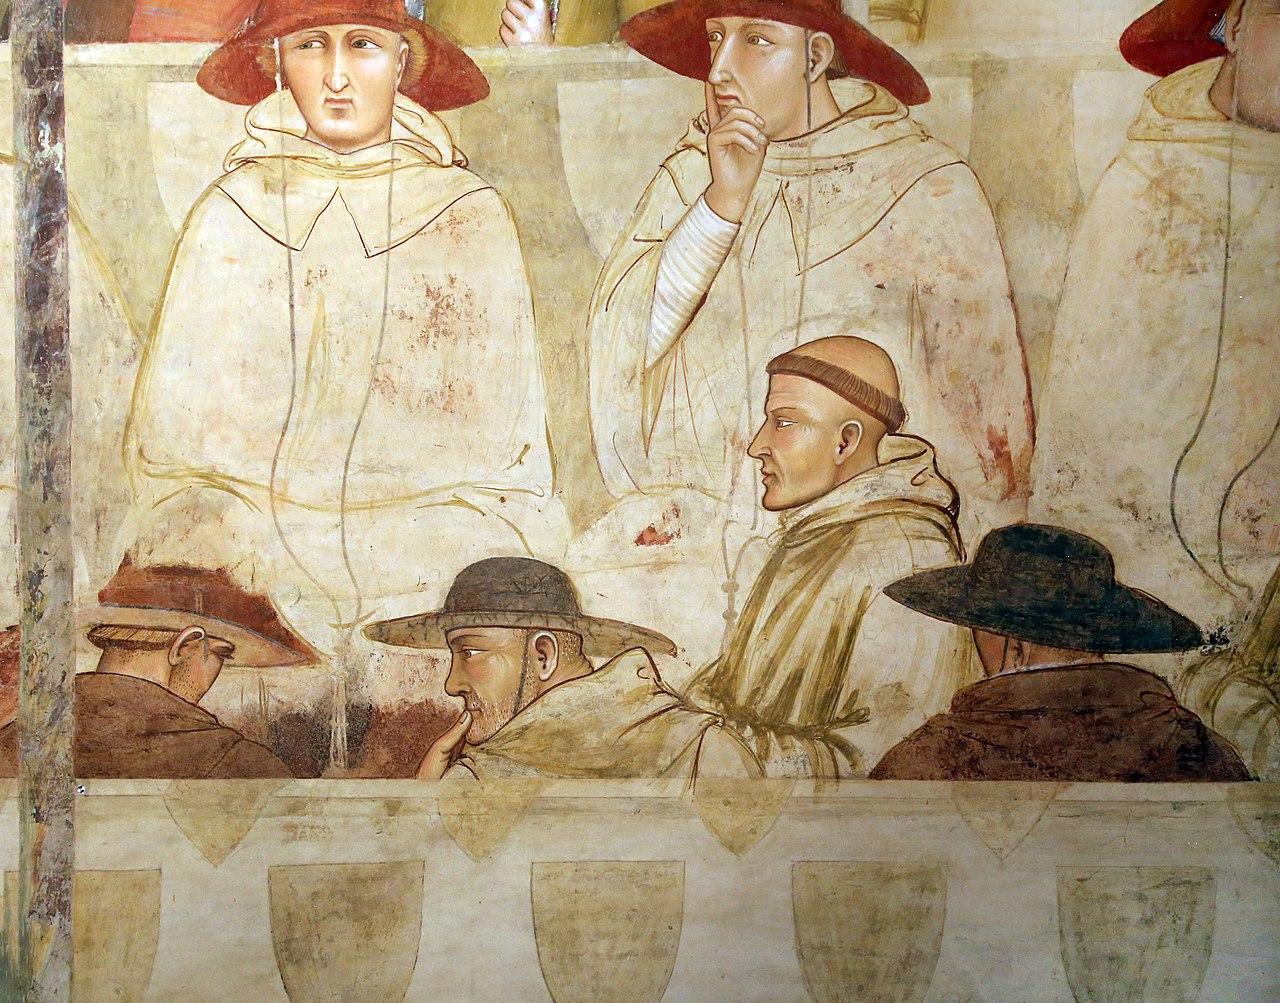 Ambrogio Lorenzetti, Professione pubblica di San Ludovico di Tolosa, dettaglio. Ph. Credit Francesco Bini